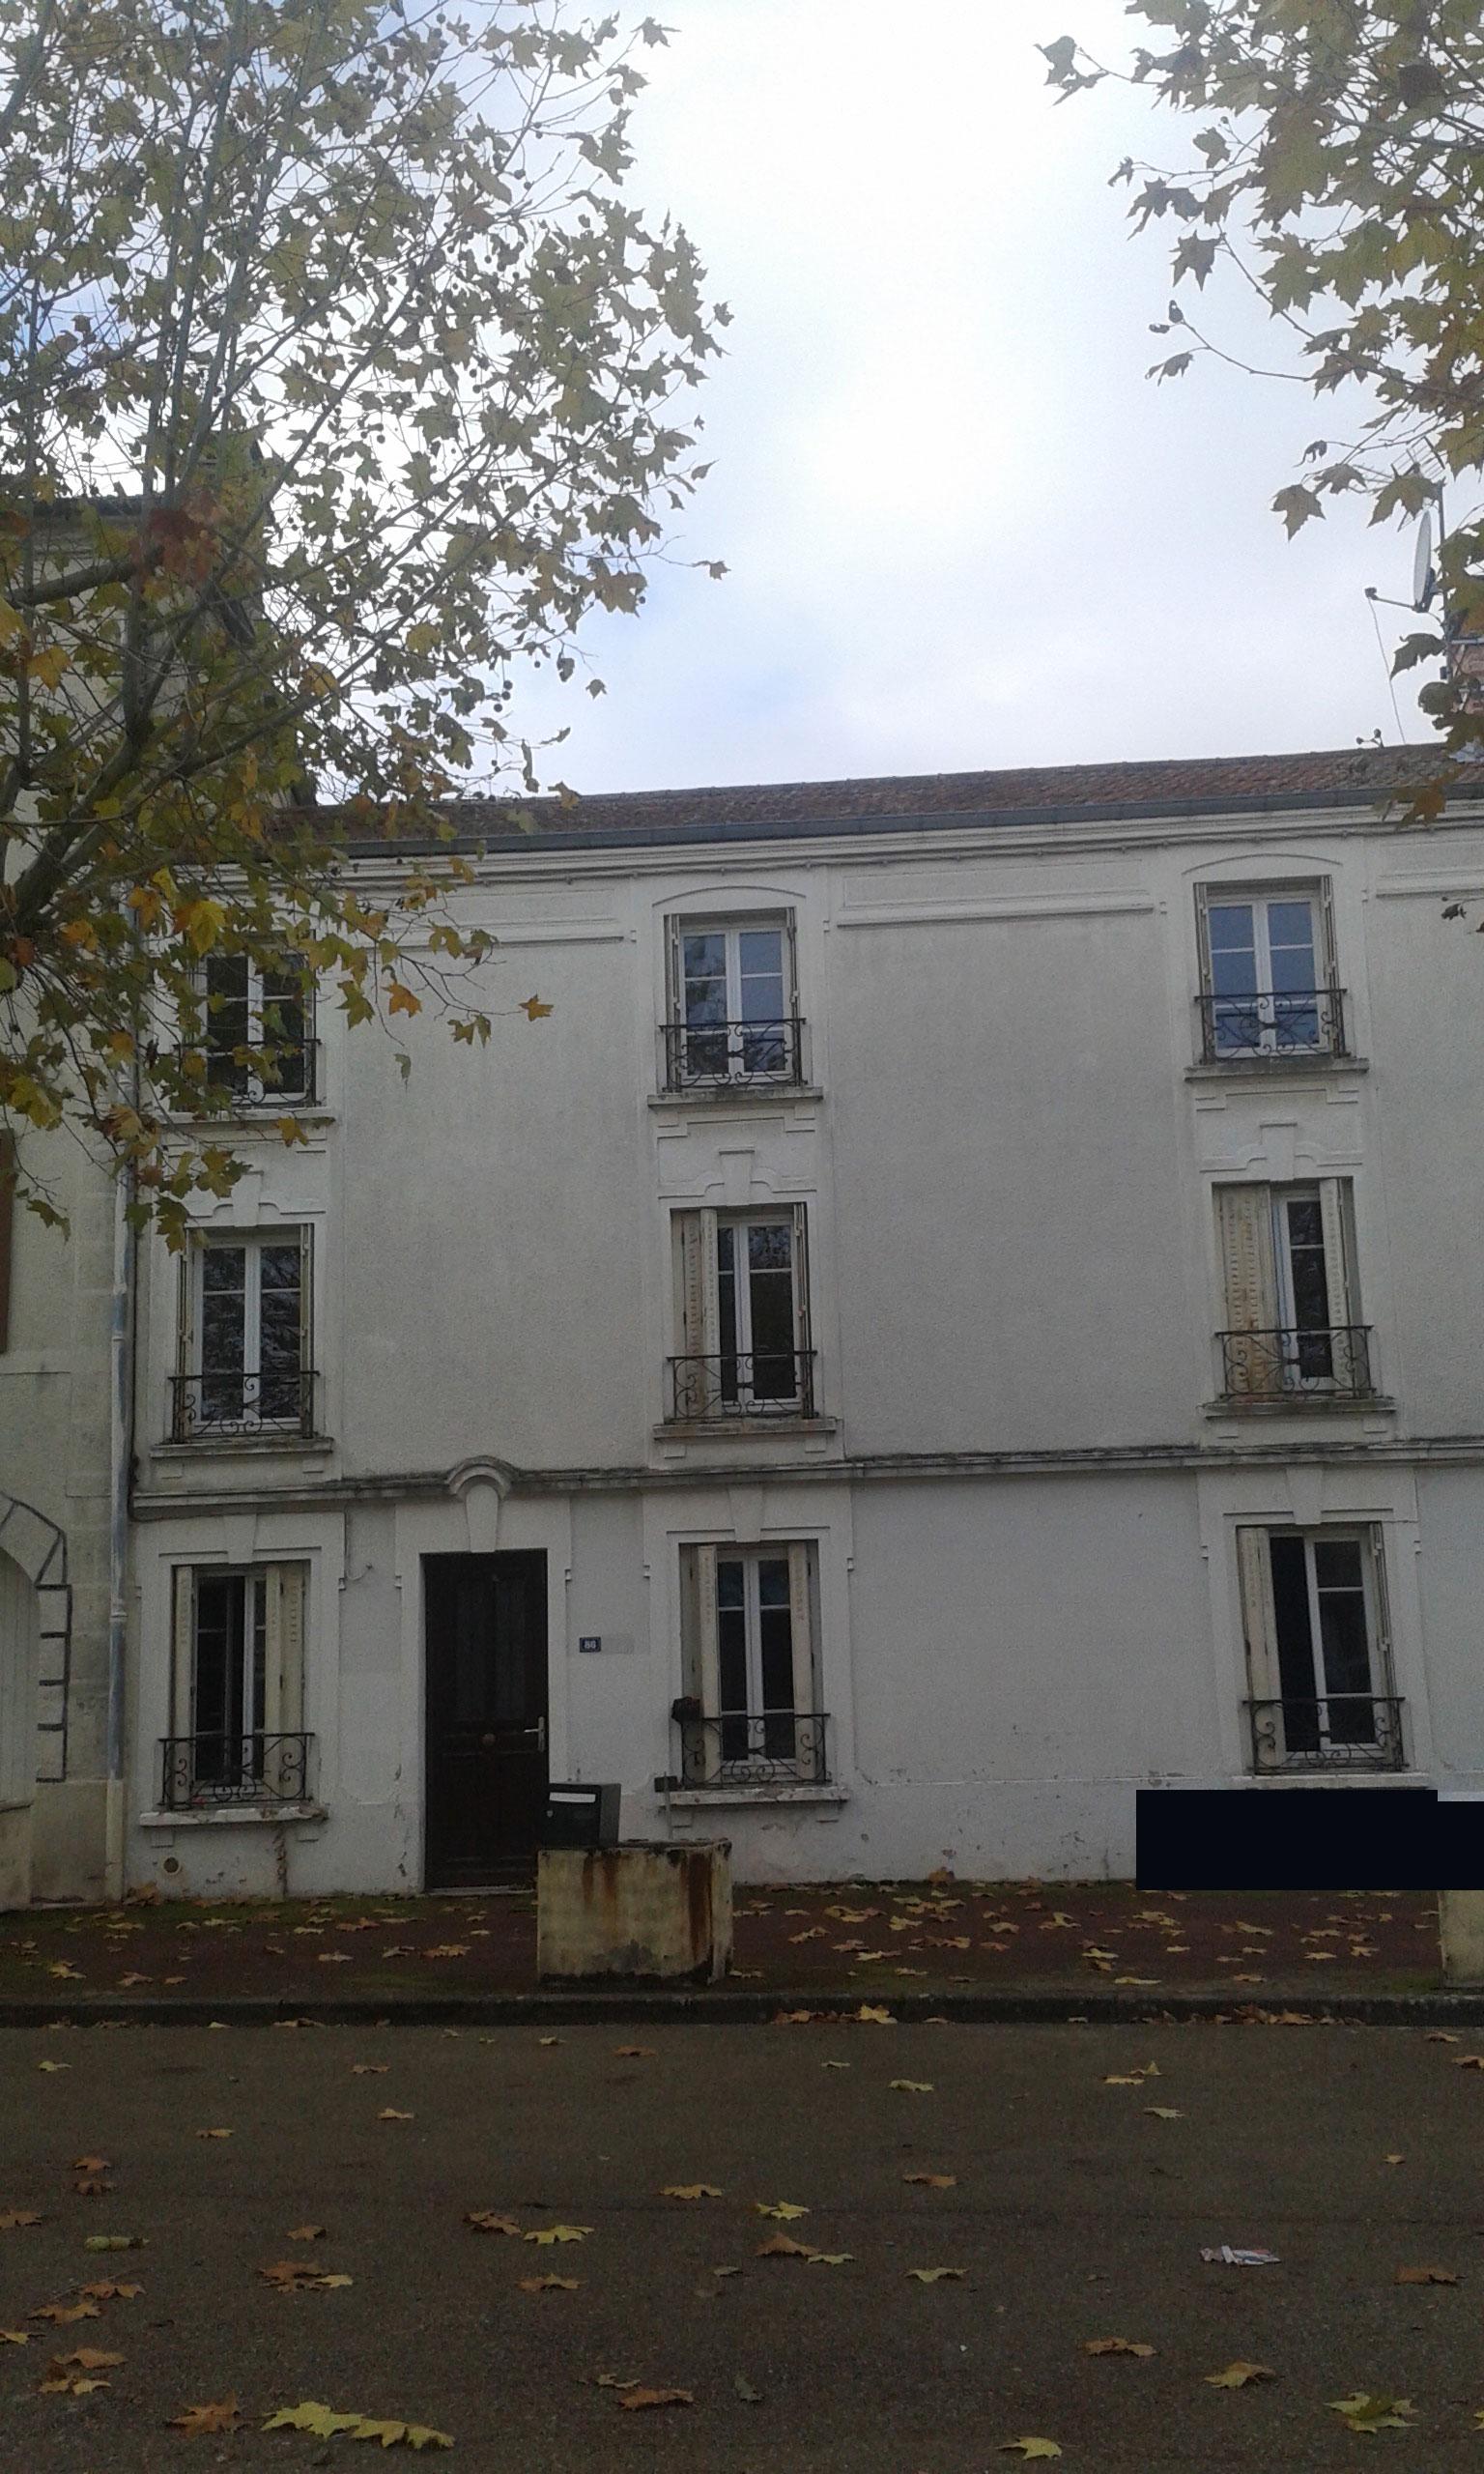 Maison de bourg excellent maison de bourg with maison de for Garage paris normandie flers